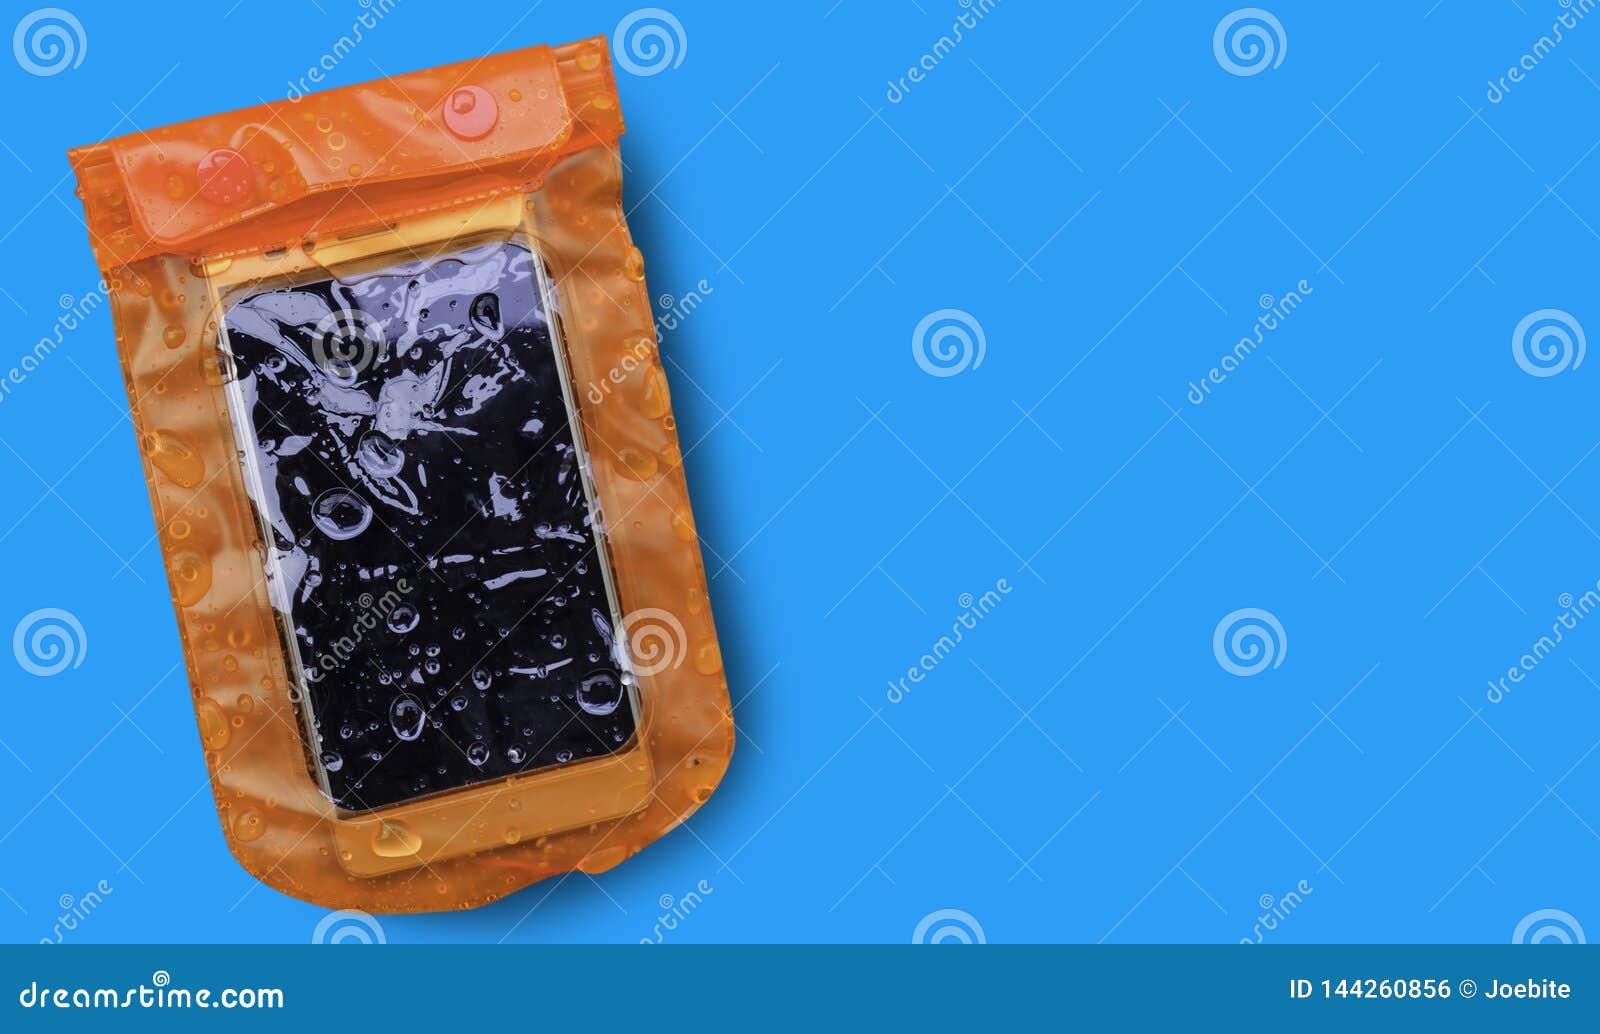 与在蓝色背景隔绝的水滴的橙色防水手机盒 PVC邮编锁袋子保护手机或impor